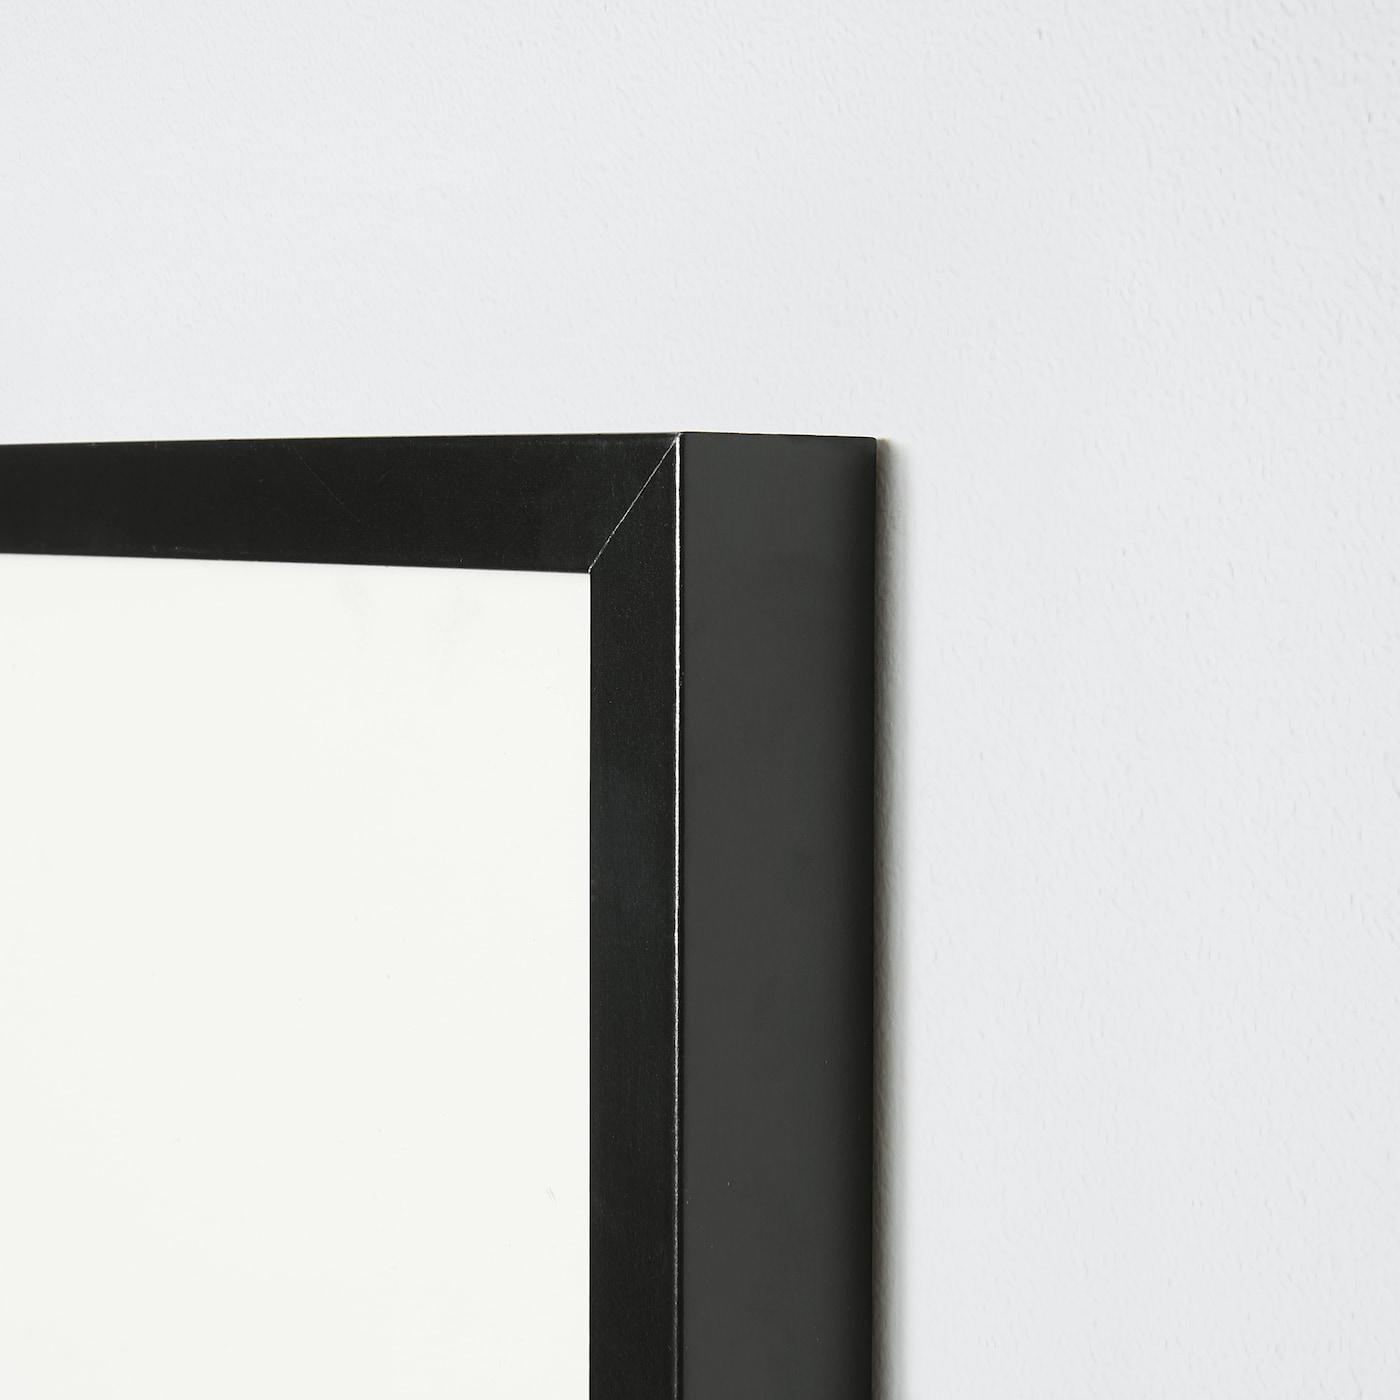 Ribba Rahmen Schwarz Ikea Deutschland